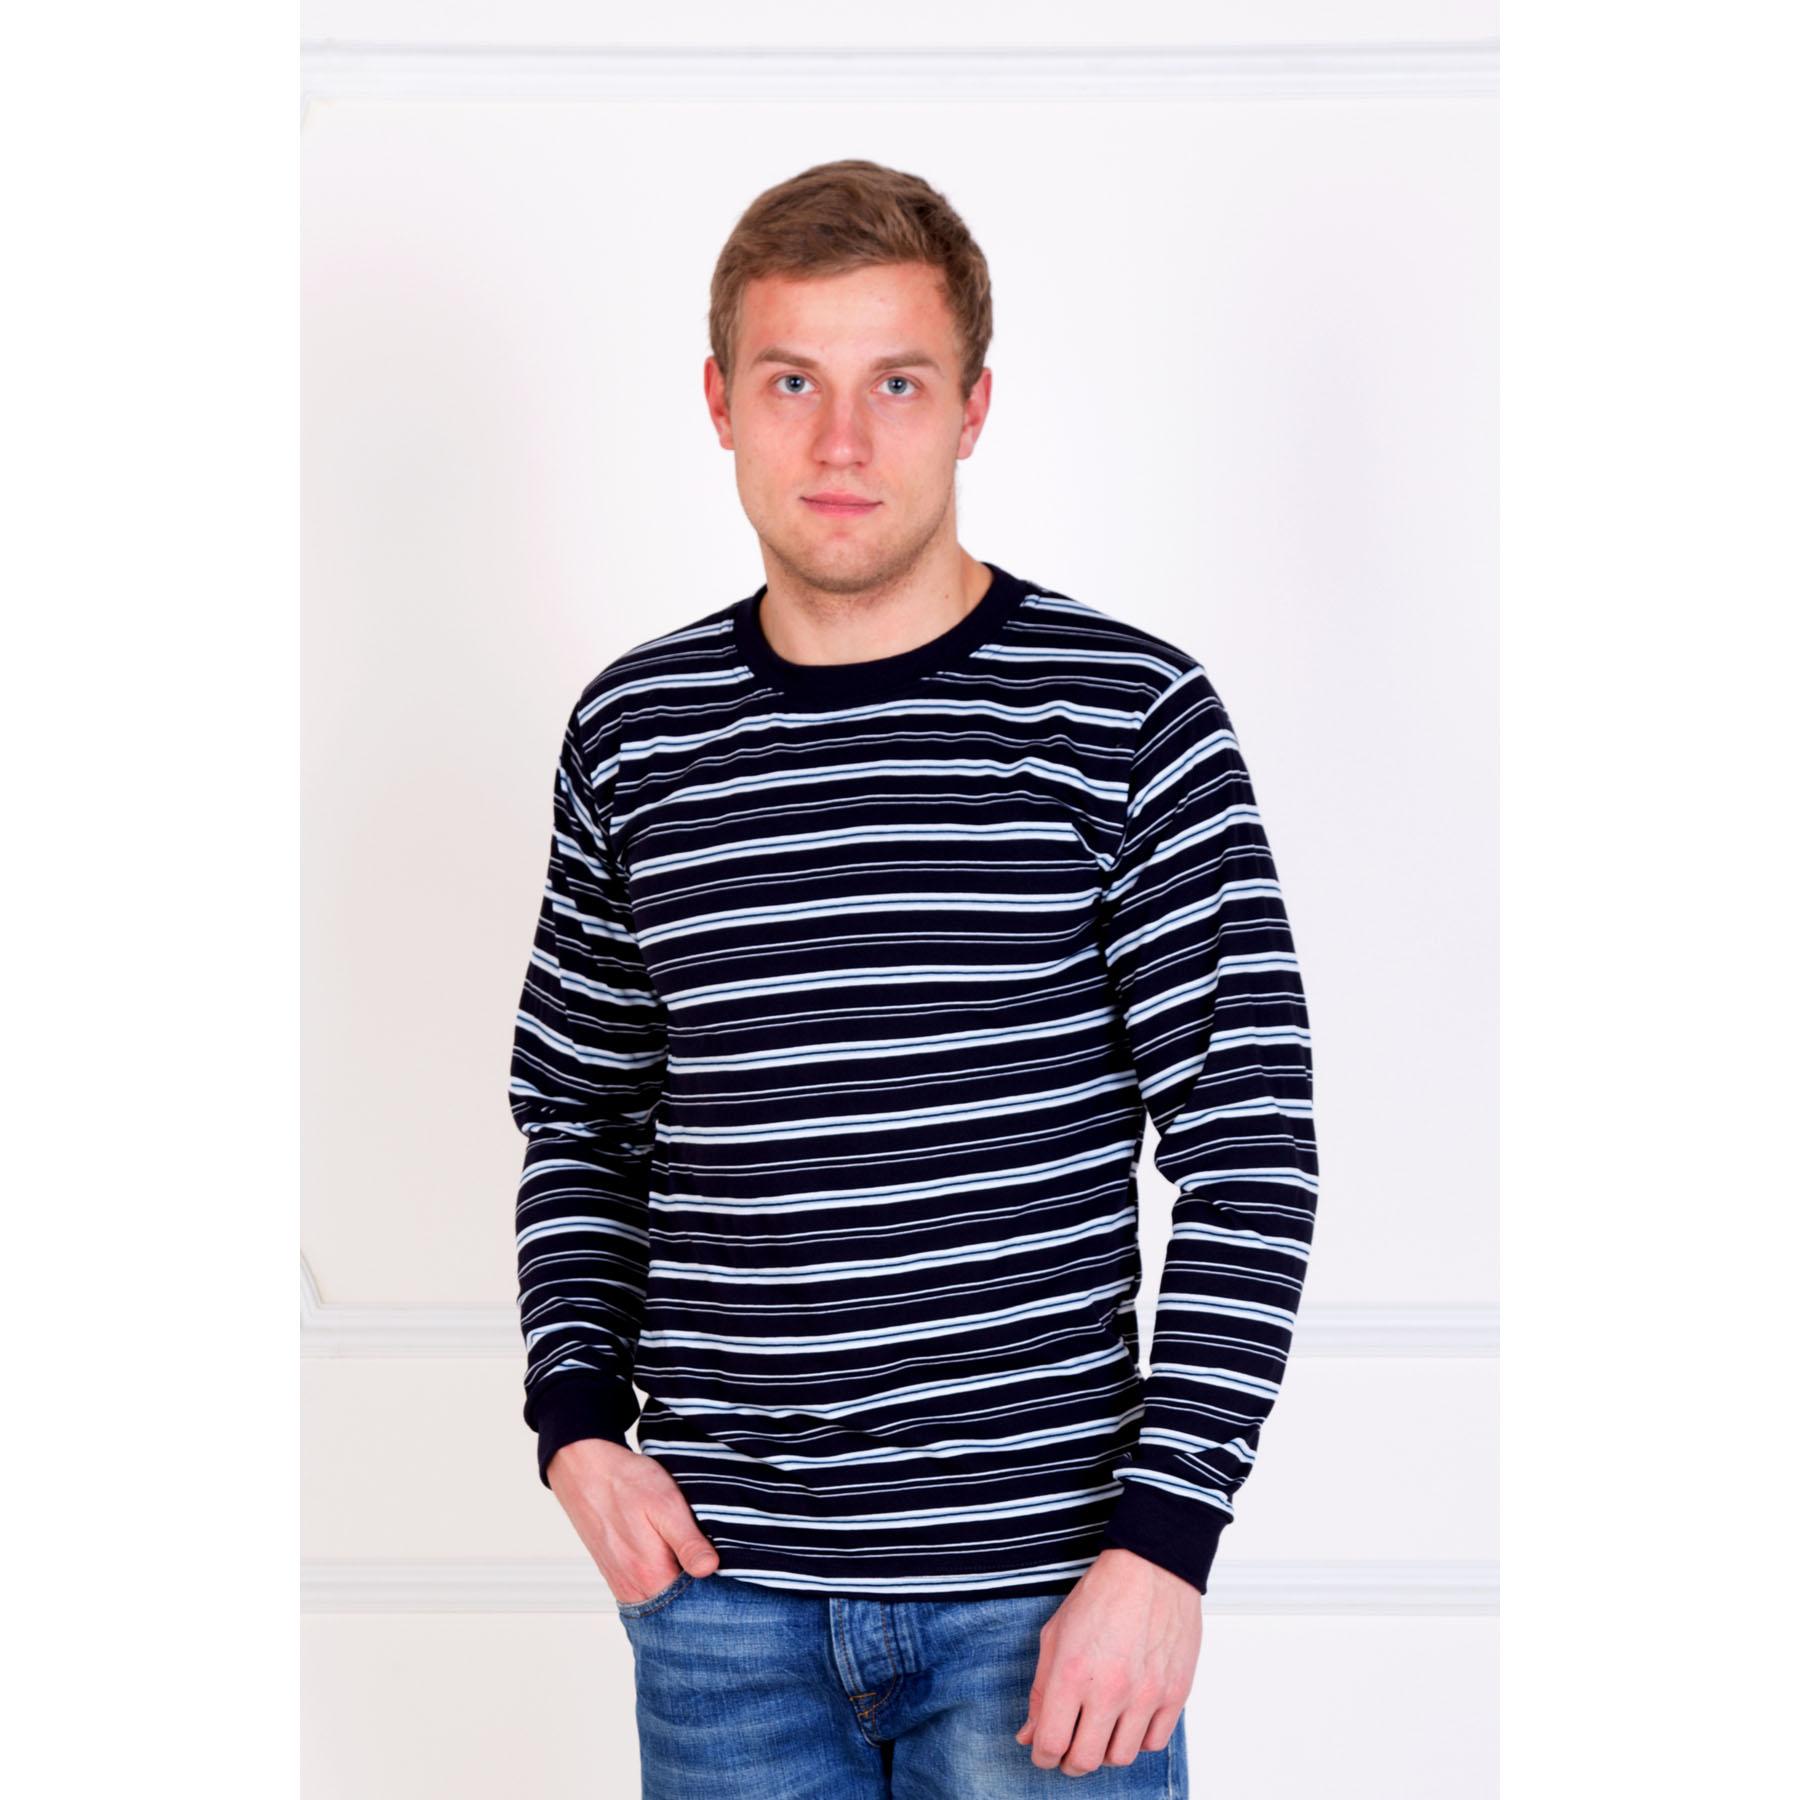 Мужской джемпер  Полосы  Черный, размер 44 - Мужская одежда артикул: 16581